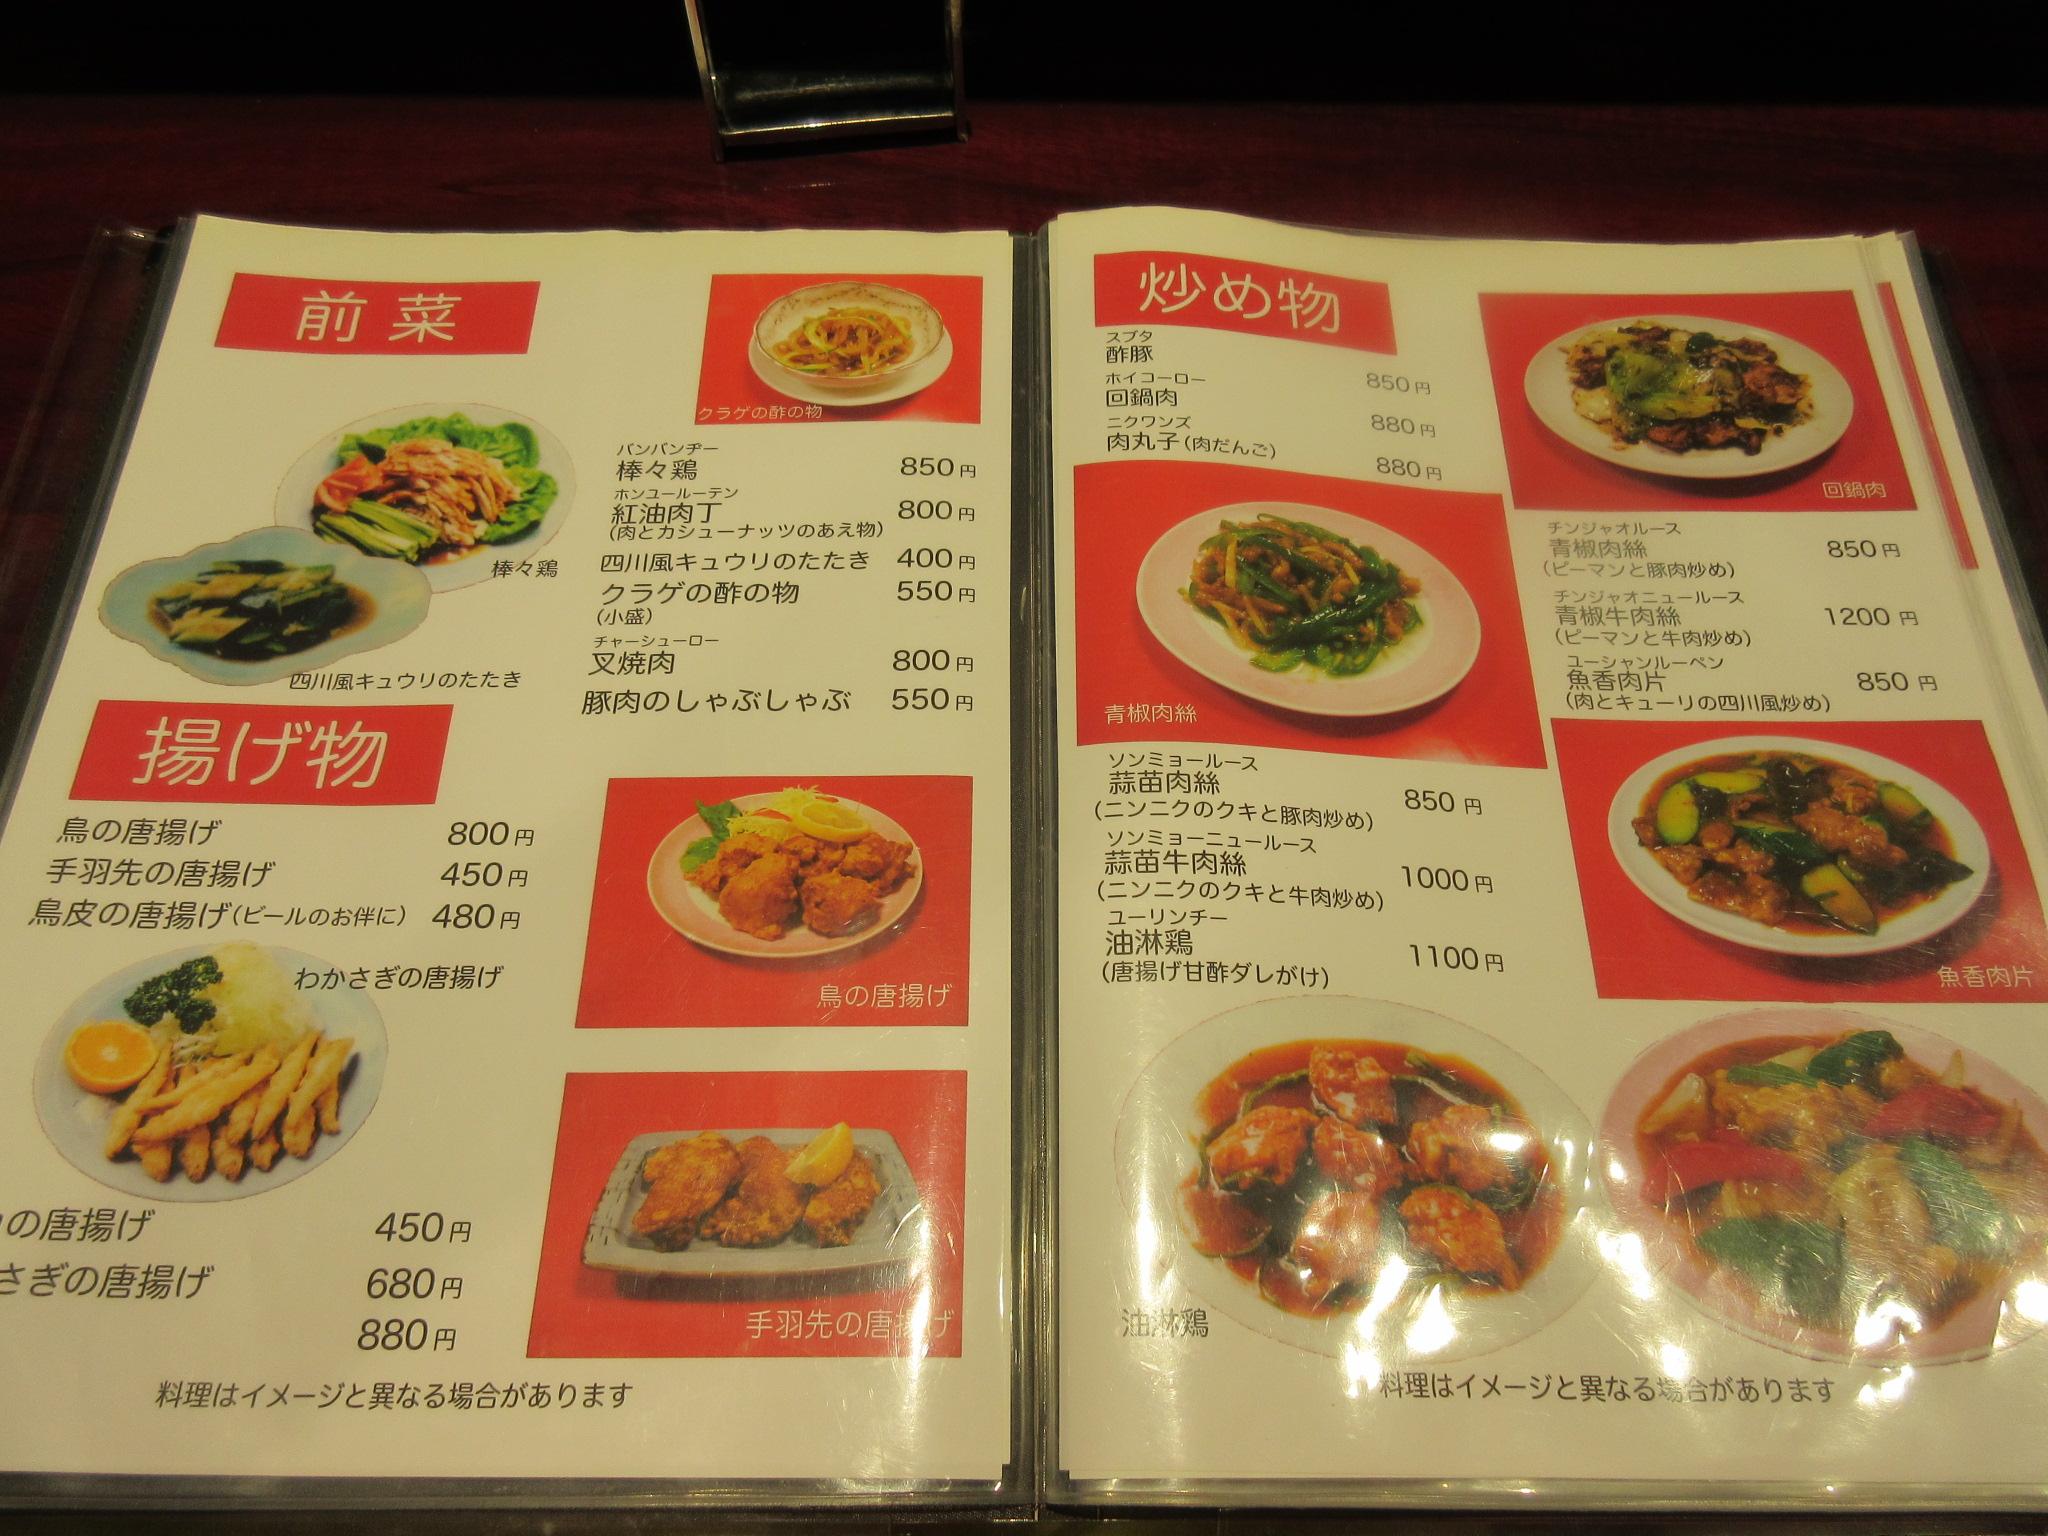 メニュー 前菜・炒め物